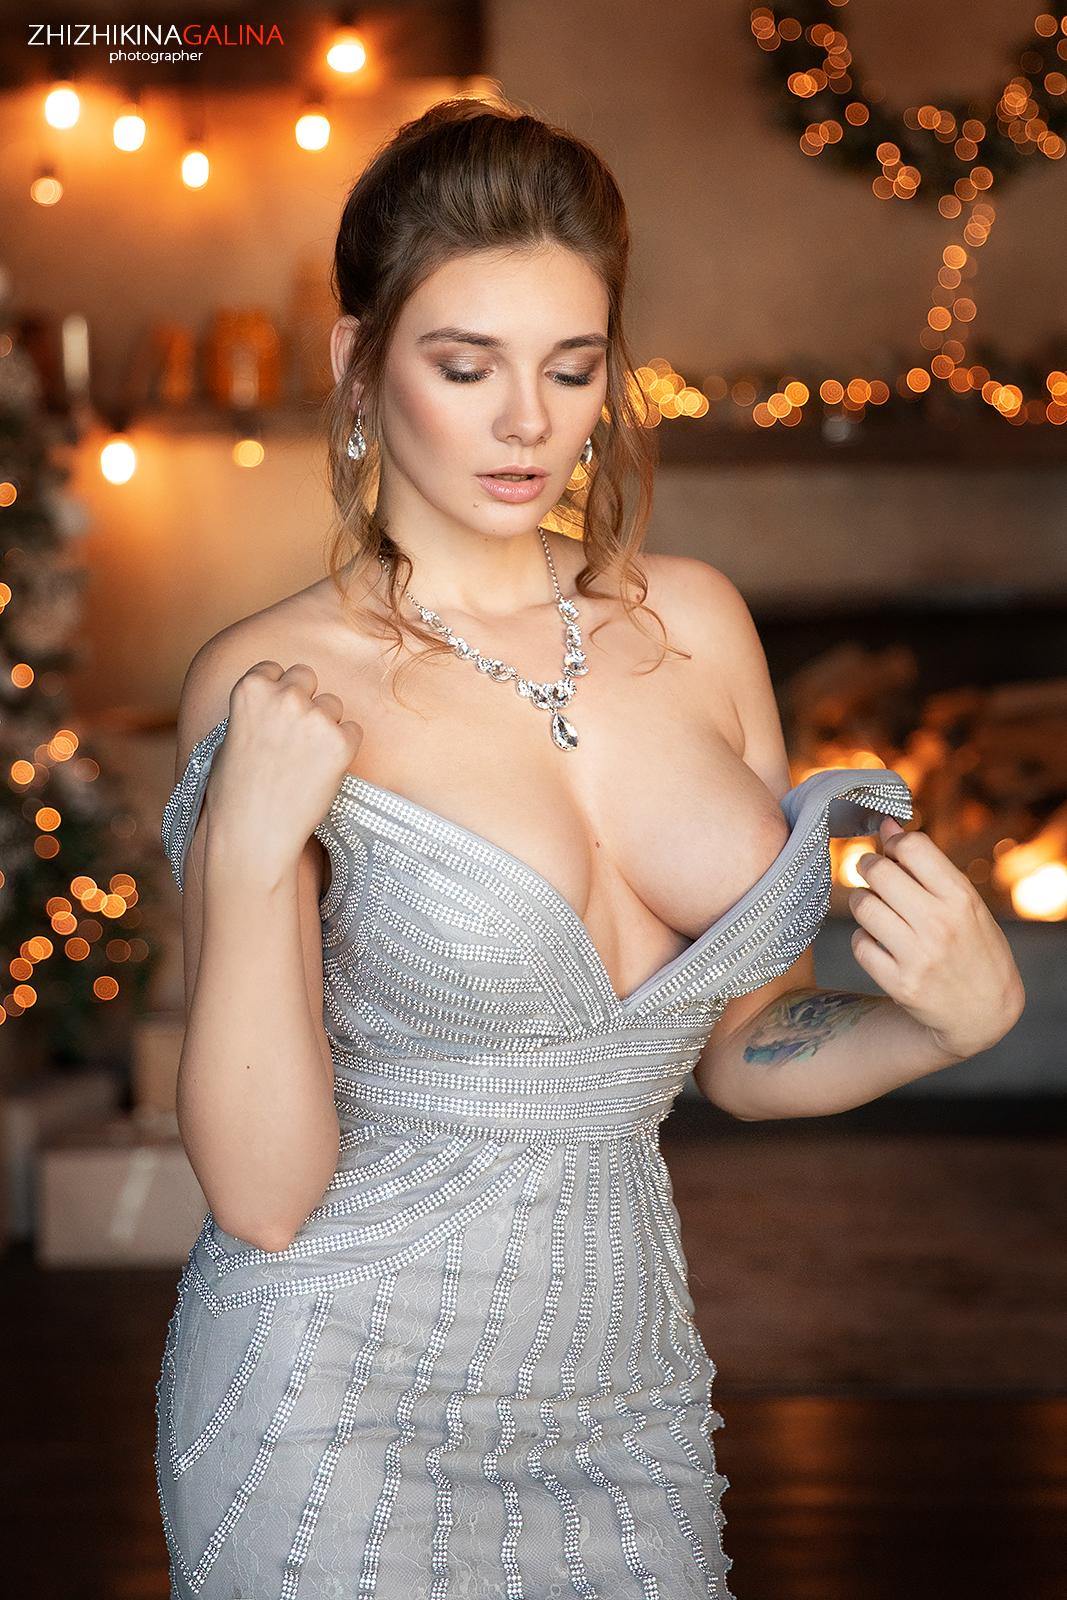 Новогоднее настроение / фотограф Галина Жижикина